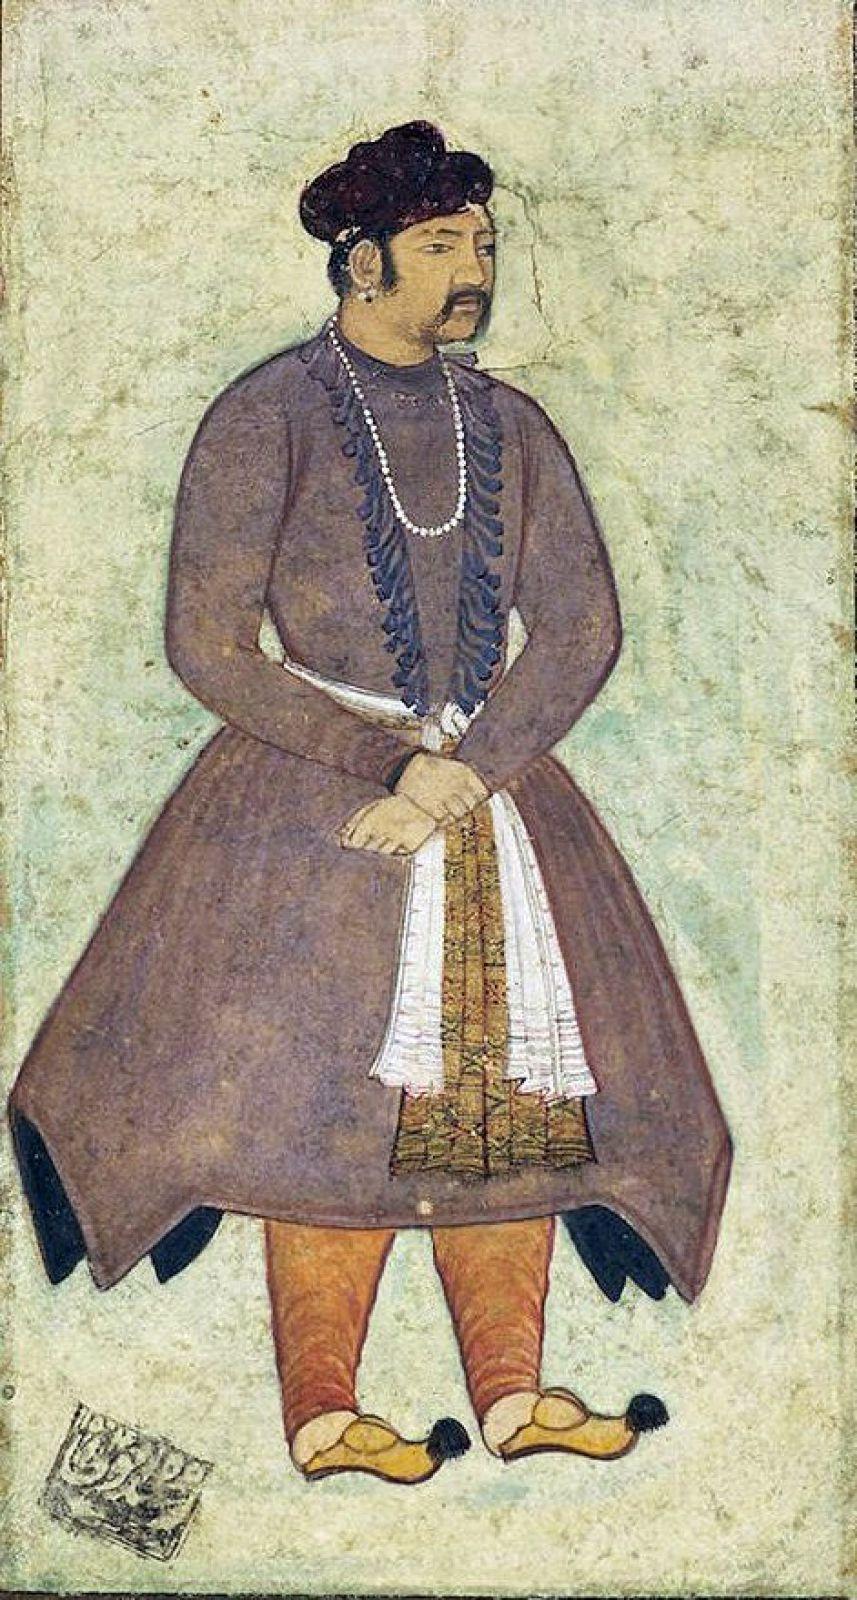 Руководствуясь тем же принципом, составители рейтинга поместили на четвертое место индийского императора Акбара I (25% от мирового ВВП).